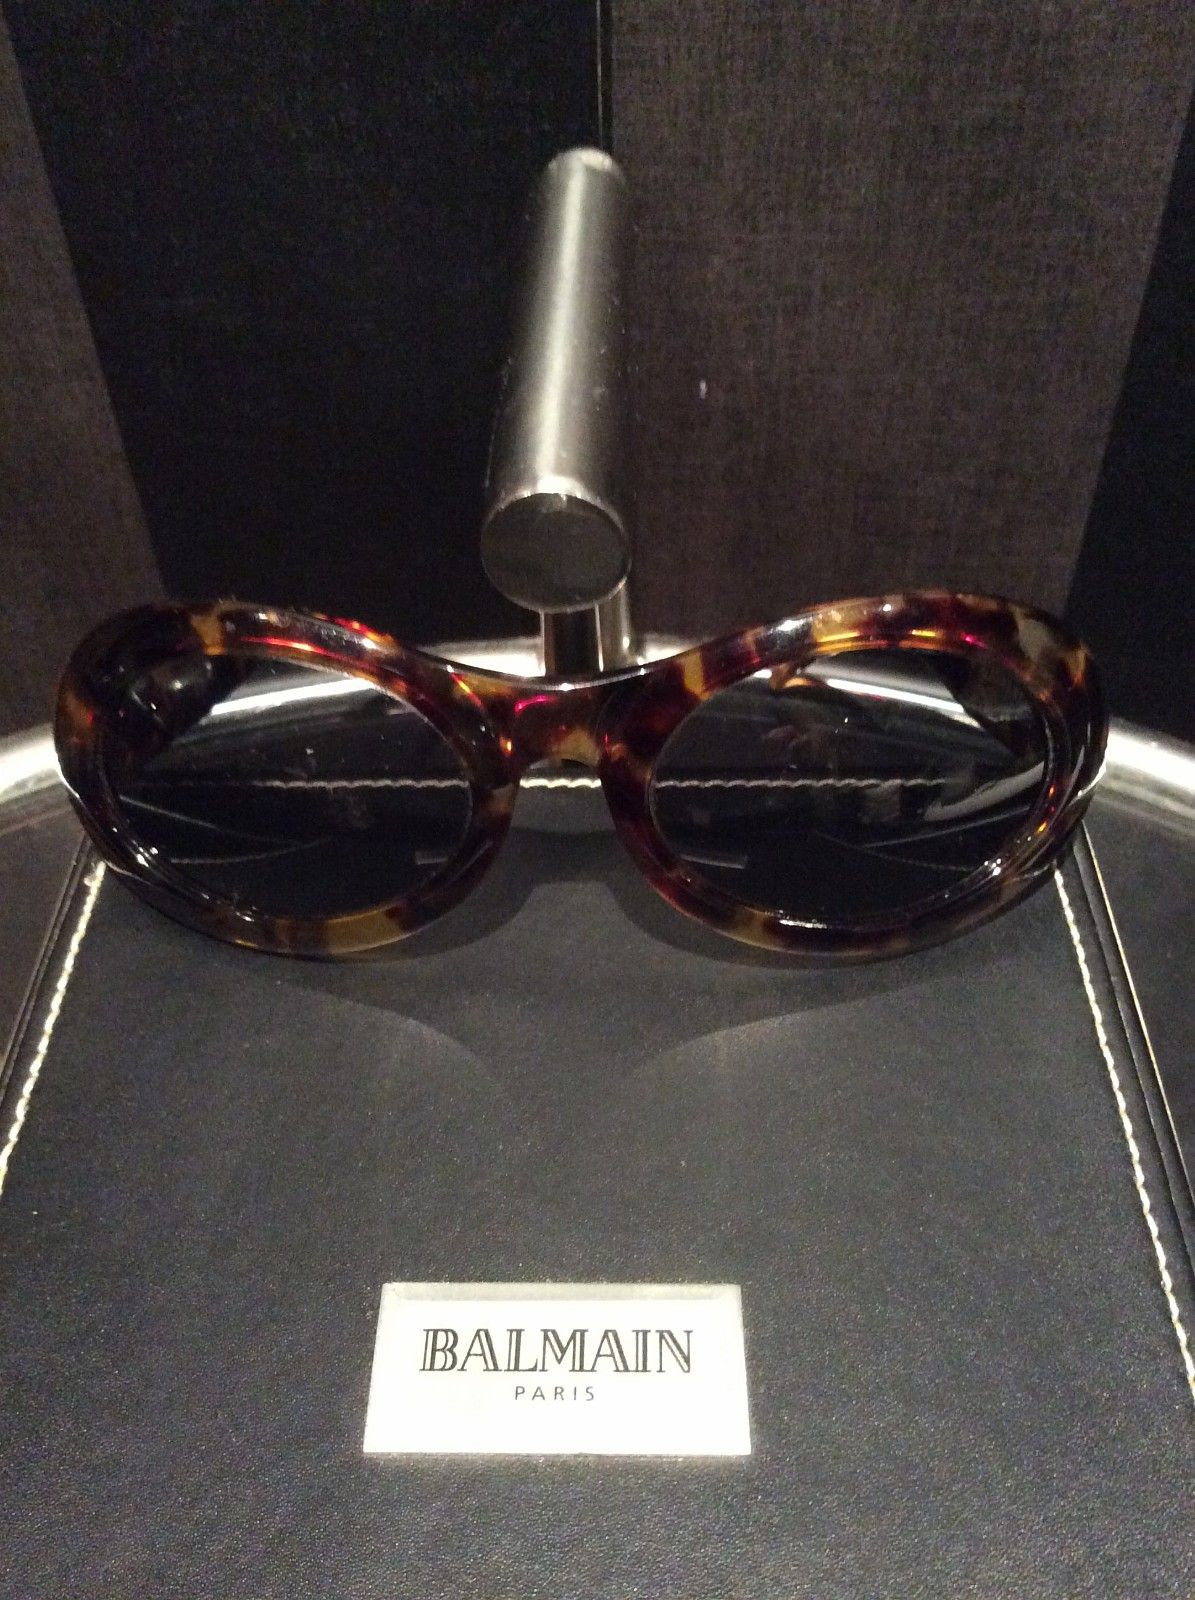 GUCCI  Vintage Solbriller GG 2400 02Y Briller for den kresne - Oslo  - GUCCI Vintage Solbriller GG 2400 02Y   Alltid Tidsriktig, solbriller for den kresne. Brillene framstår som velholdte, se bilder for detaljer. - Oslo